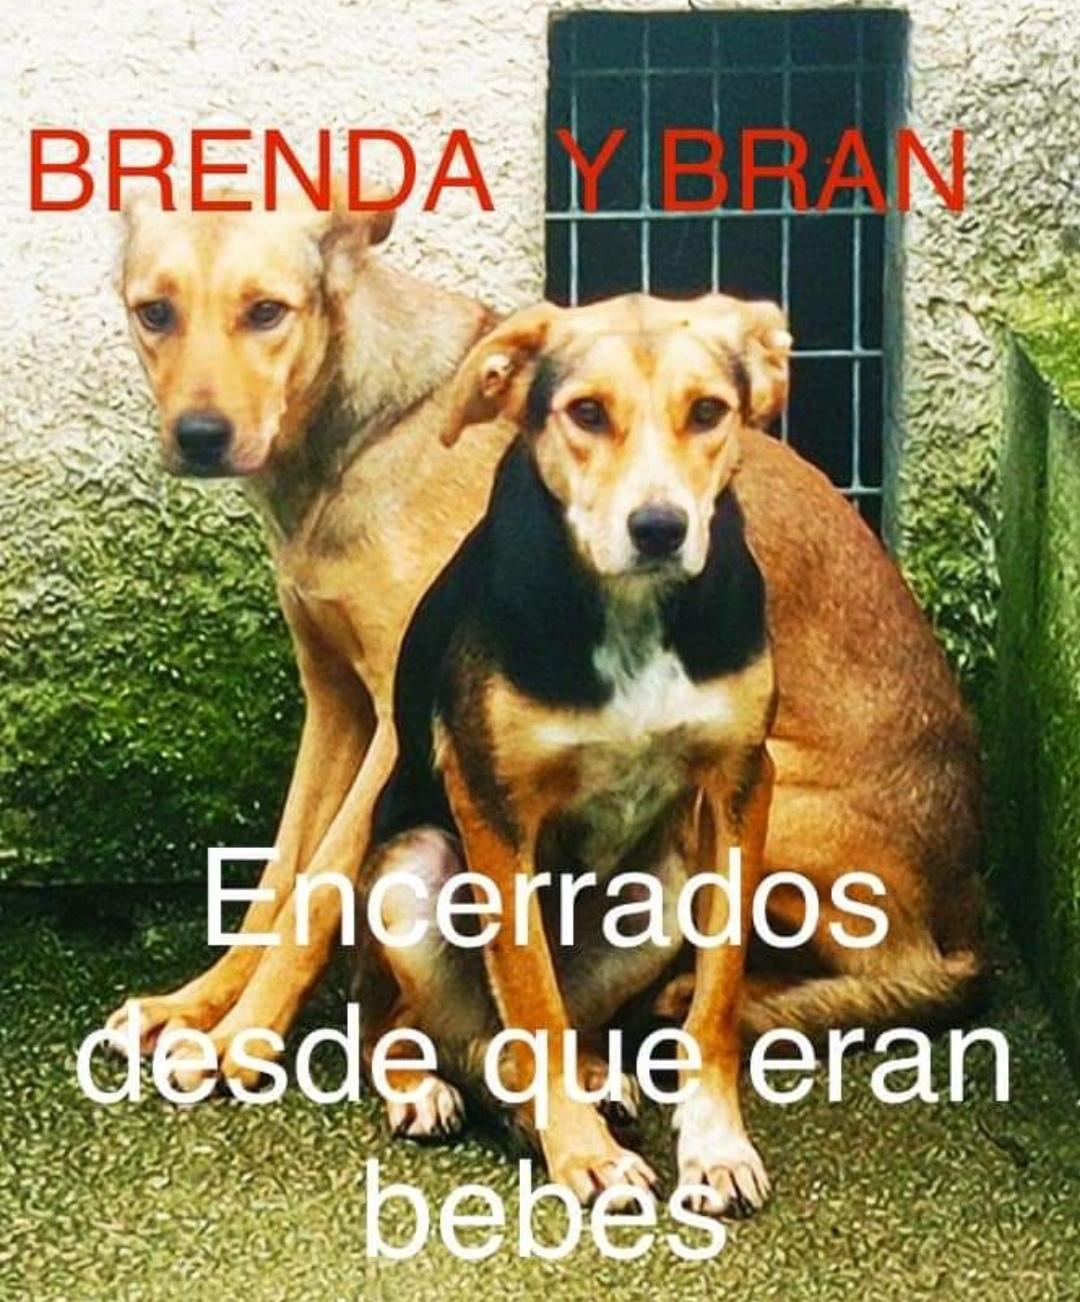 Brenda y Bran